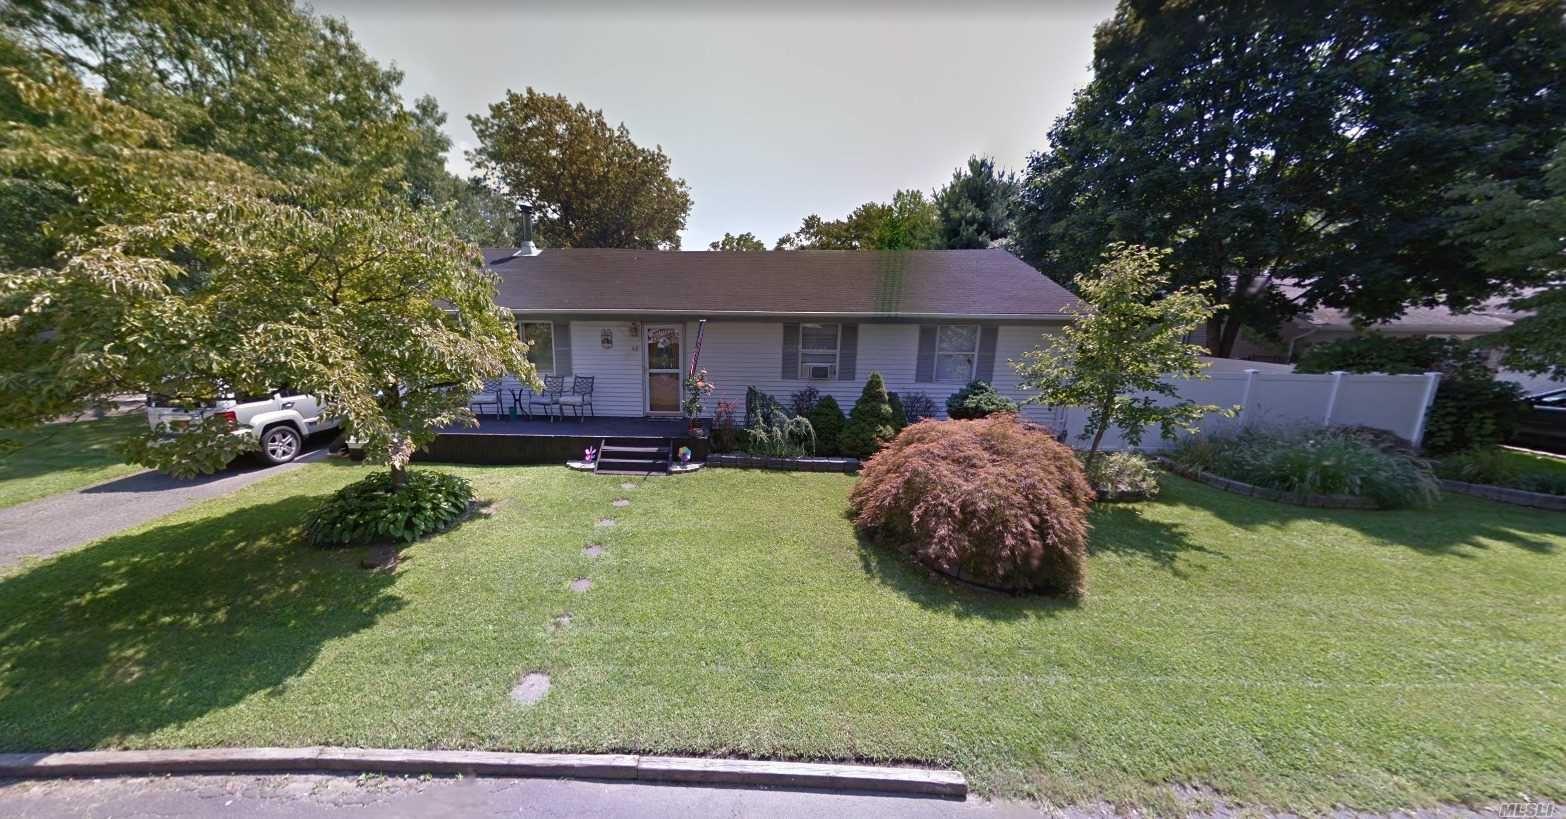 48 Shaw Avenue, Islip, NY 11751 - MLS#: 3205348